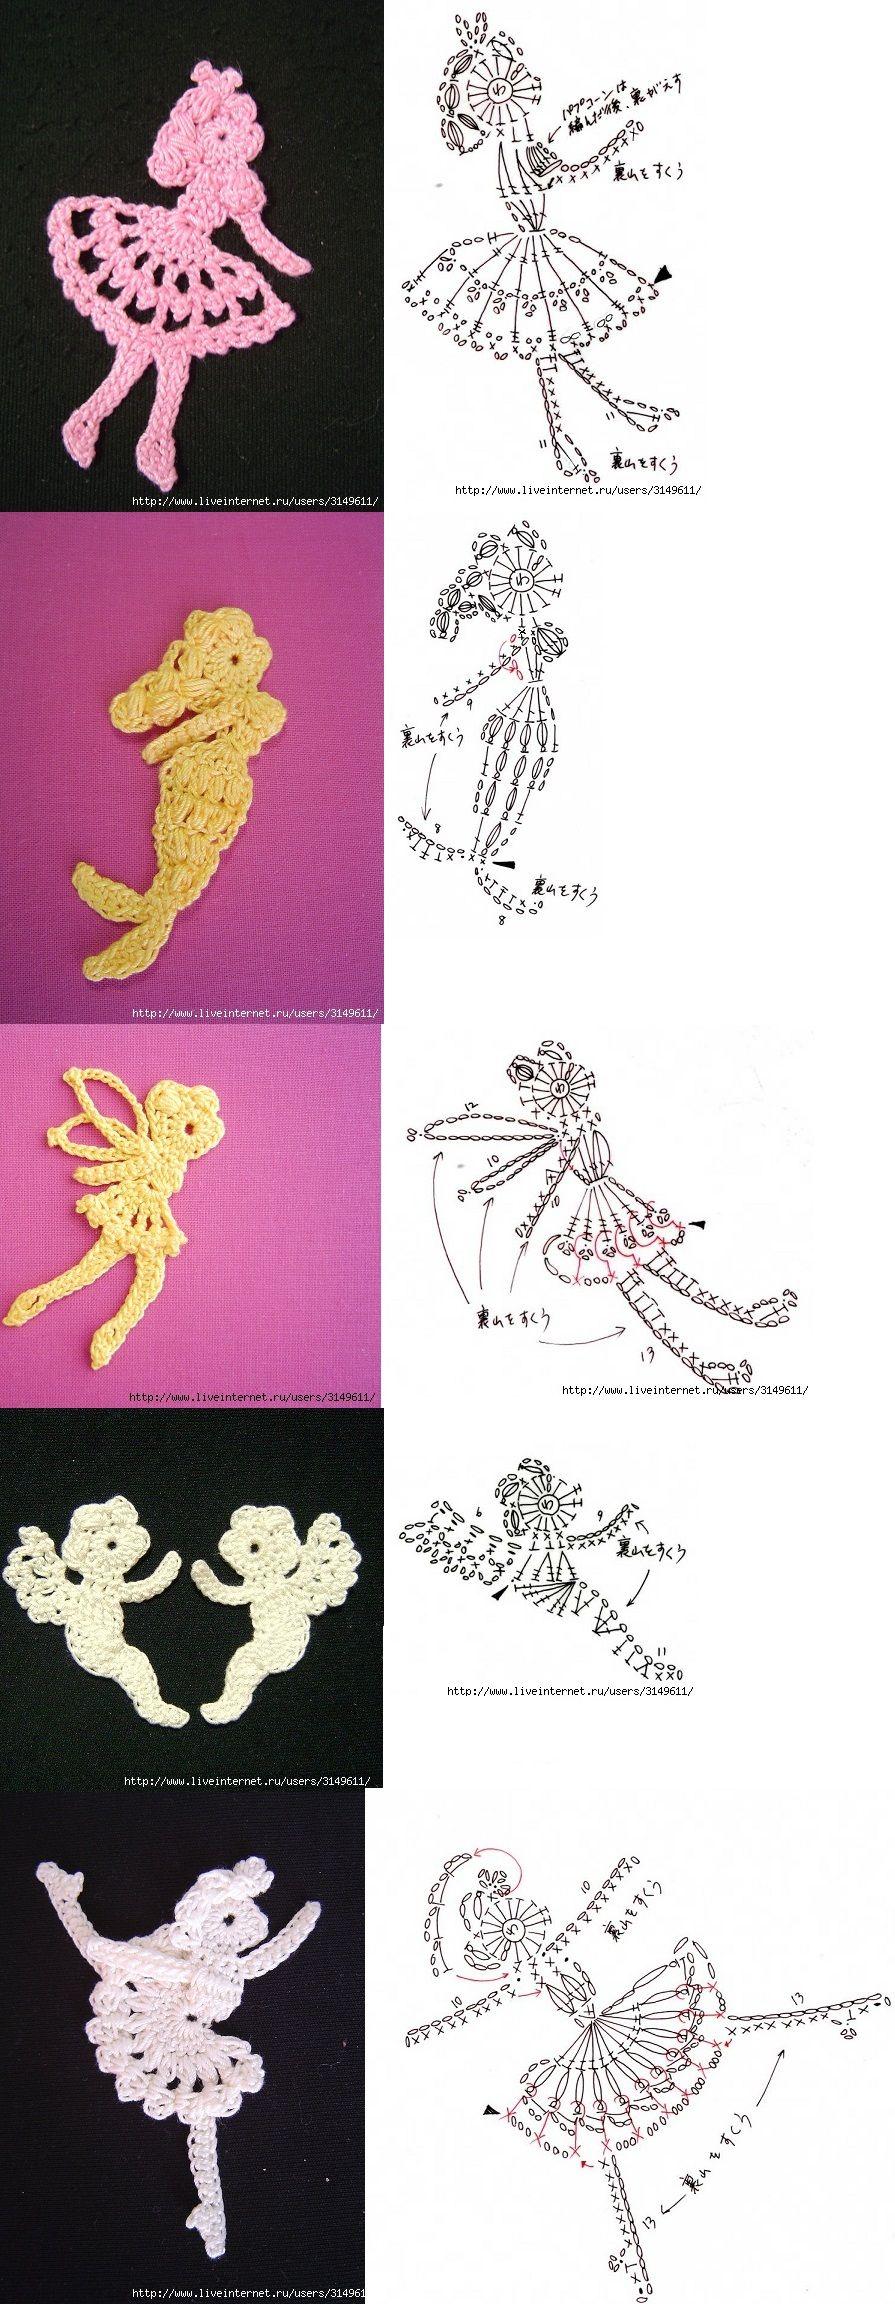 Pin von Nancy Melara auf Crochet | Pinterest | Häkeln, Applikationen ...